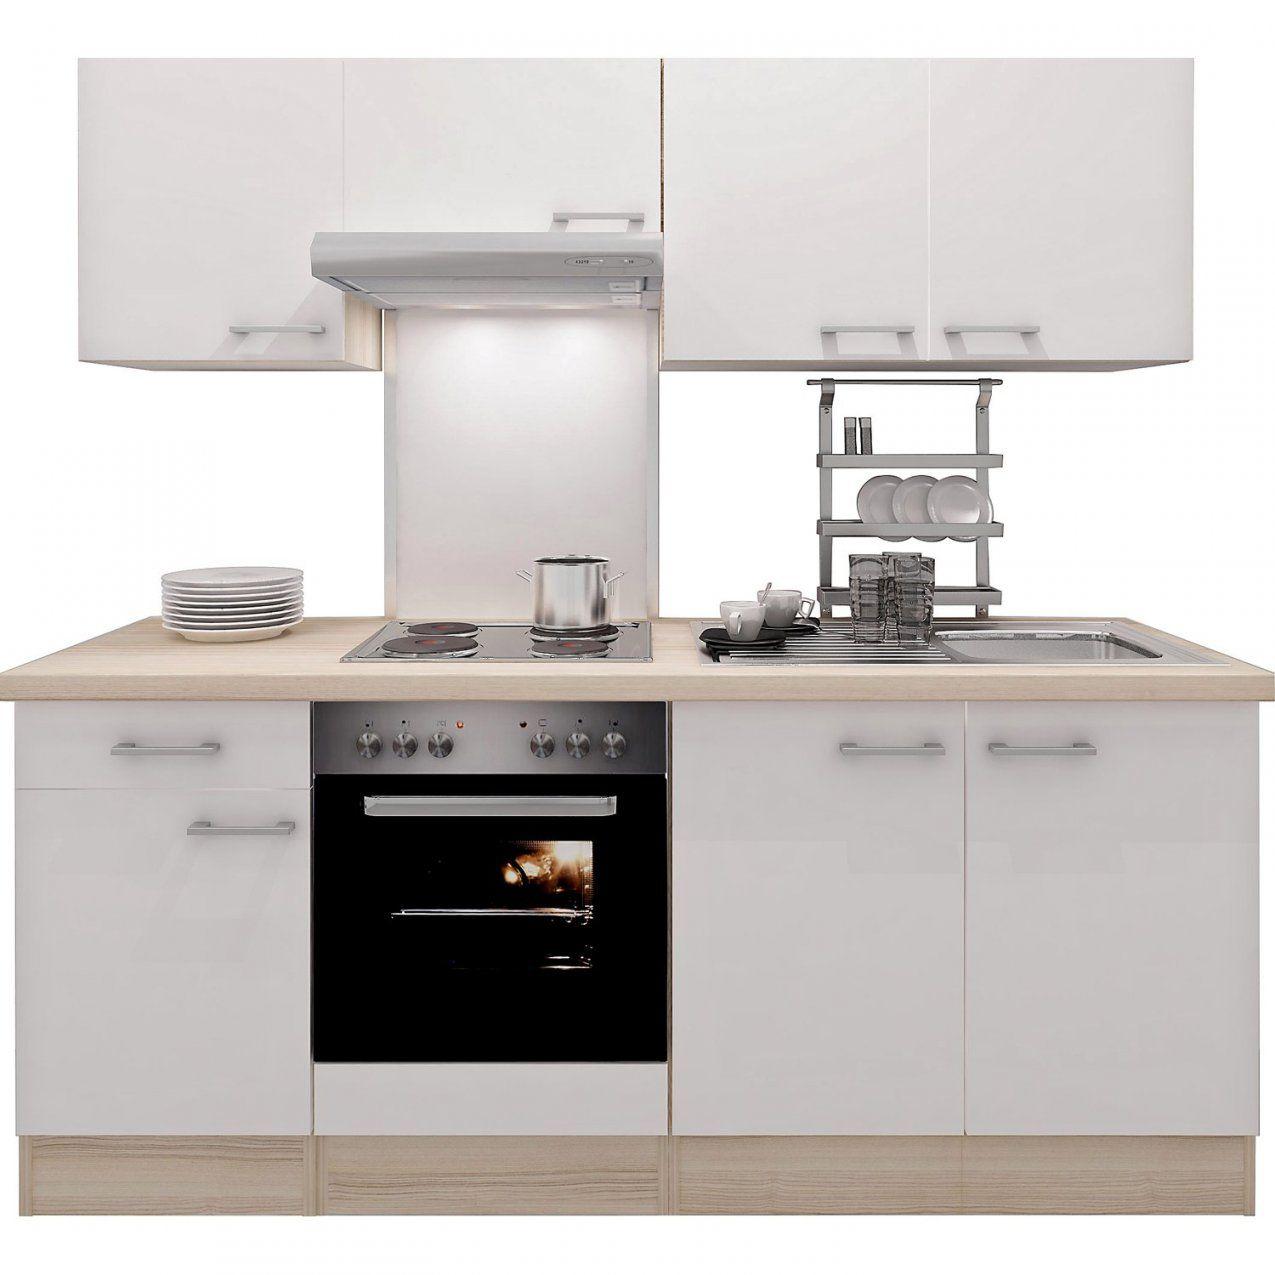 Küchenzeilen & Miniküchen Günstig Online Kaufen Bei Obi von Küchenzeile Mit Elektrogeräten Ohne Kühlschrank Photo